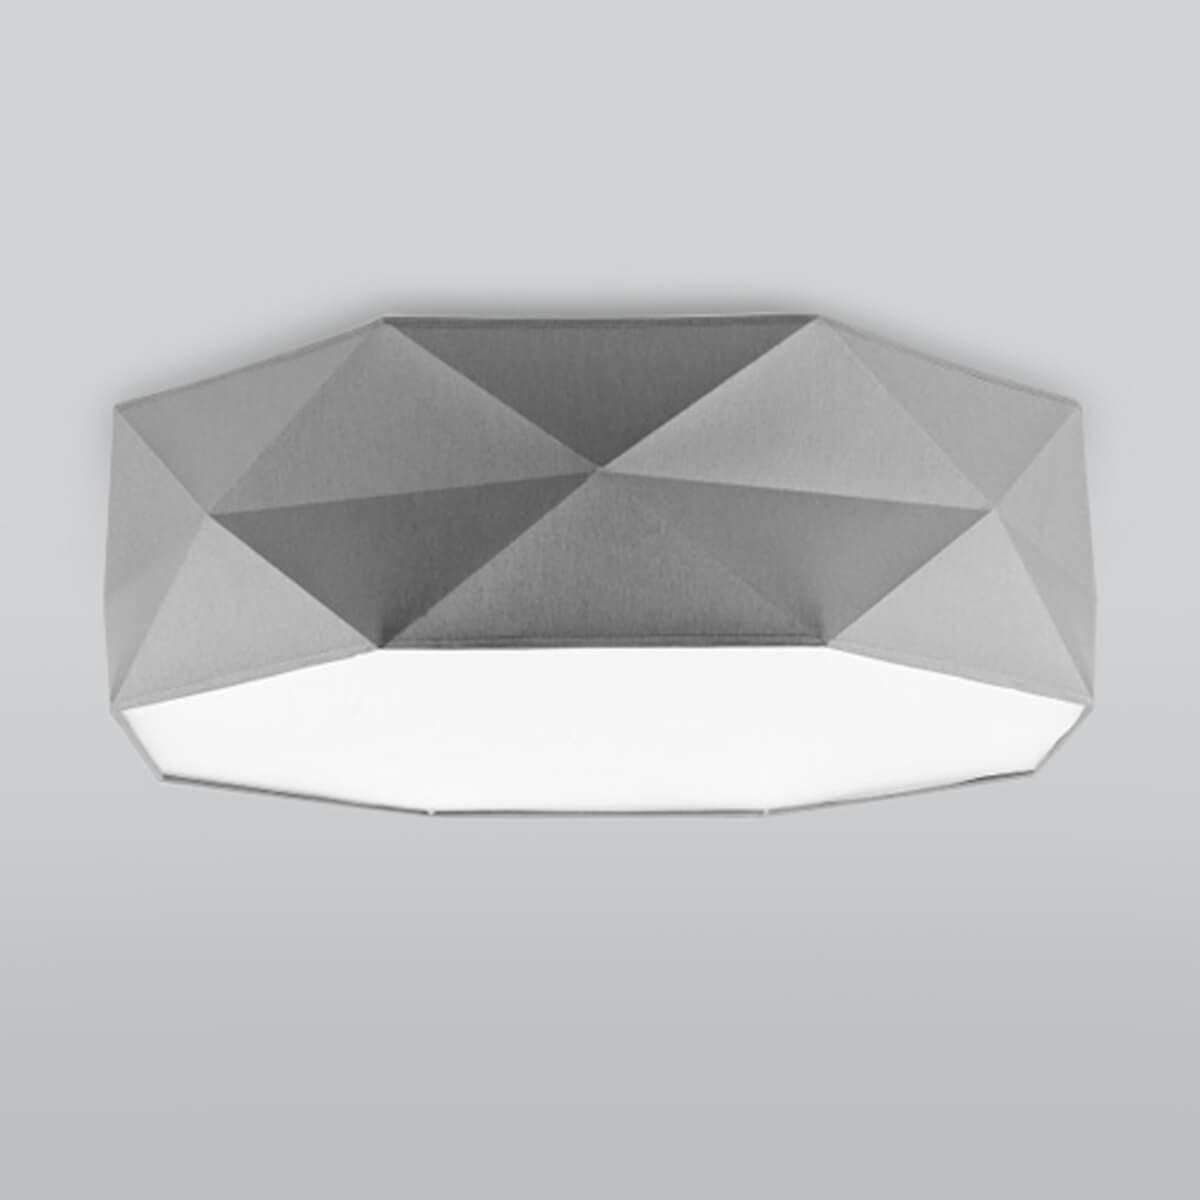 цена на Светильник TK Lighting 1566 Kantoor Kantoor